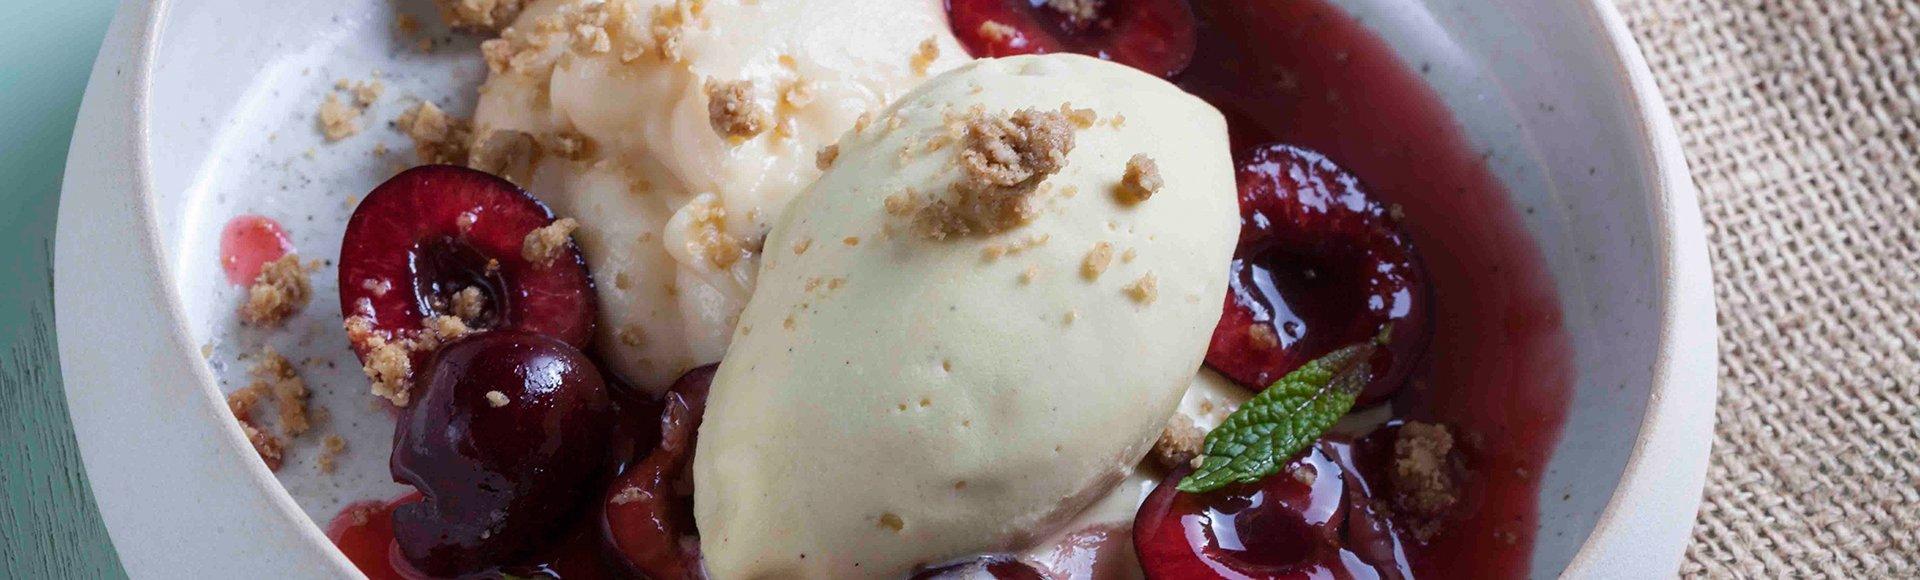 Μαριναρισμένα κεράσια με κρέμα πικραμύγδαλο και παγωτό βανίλια